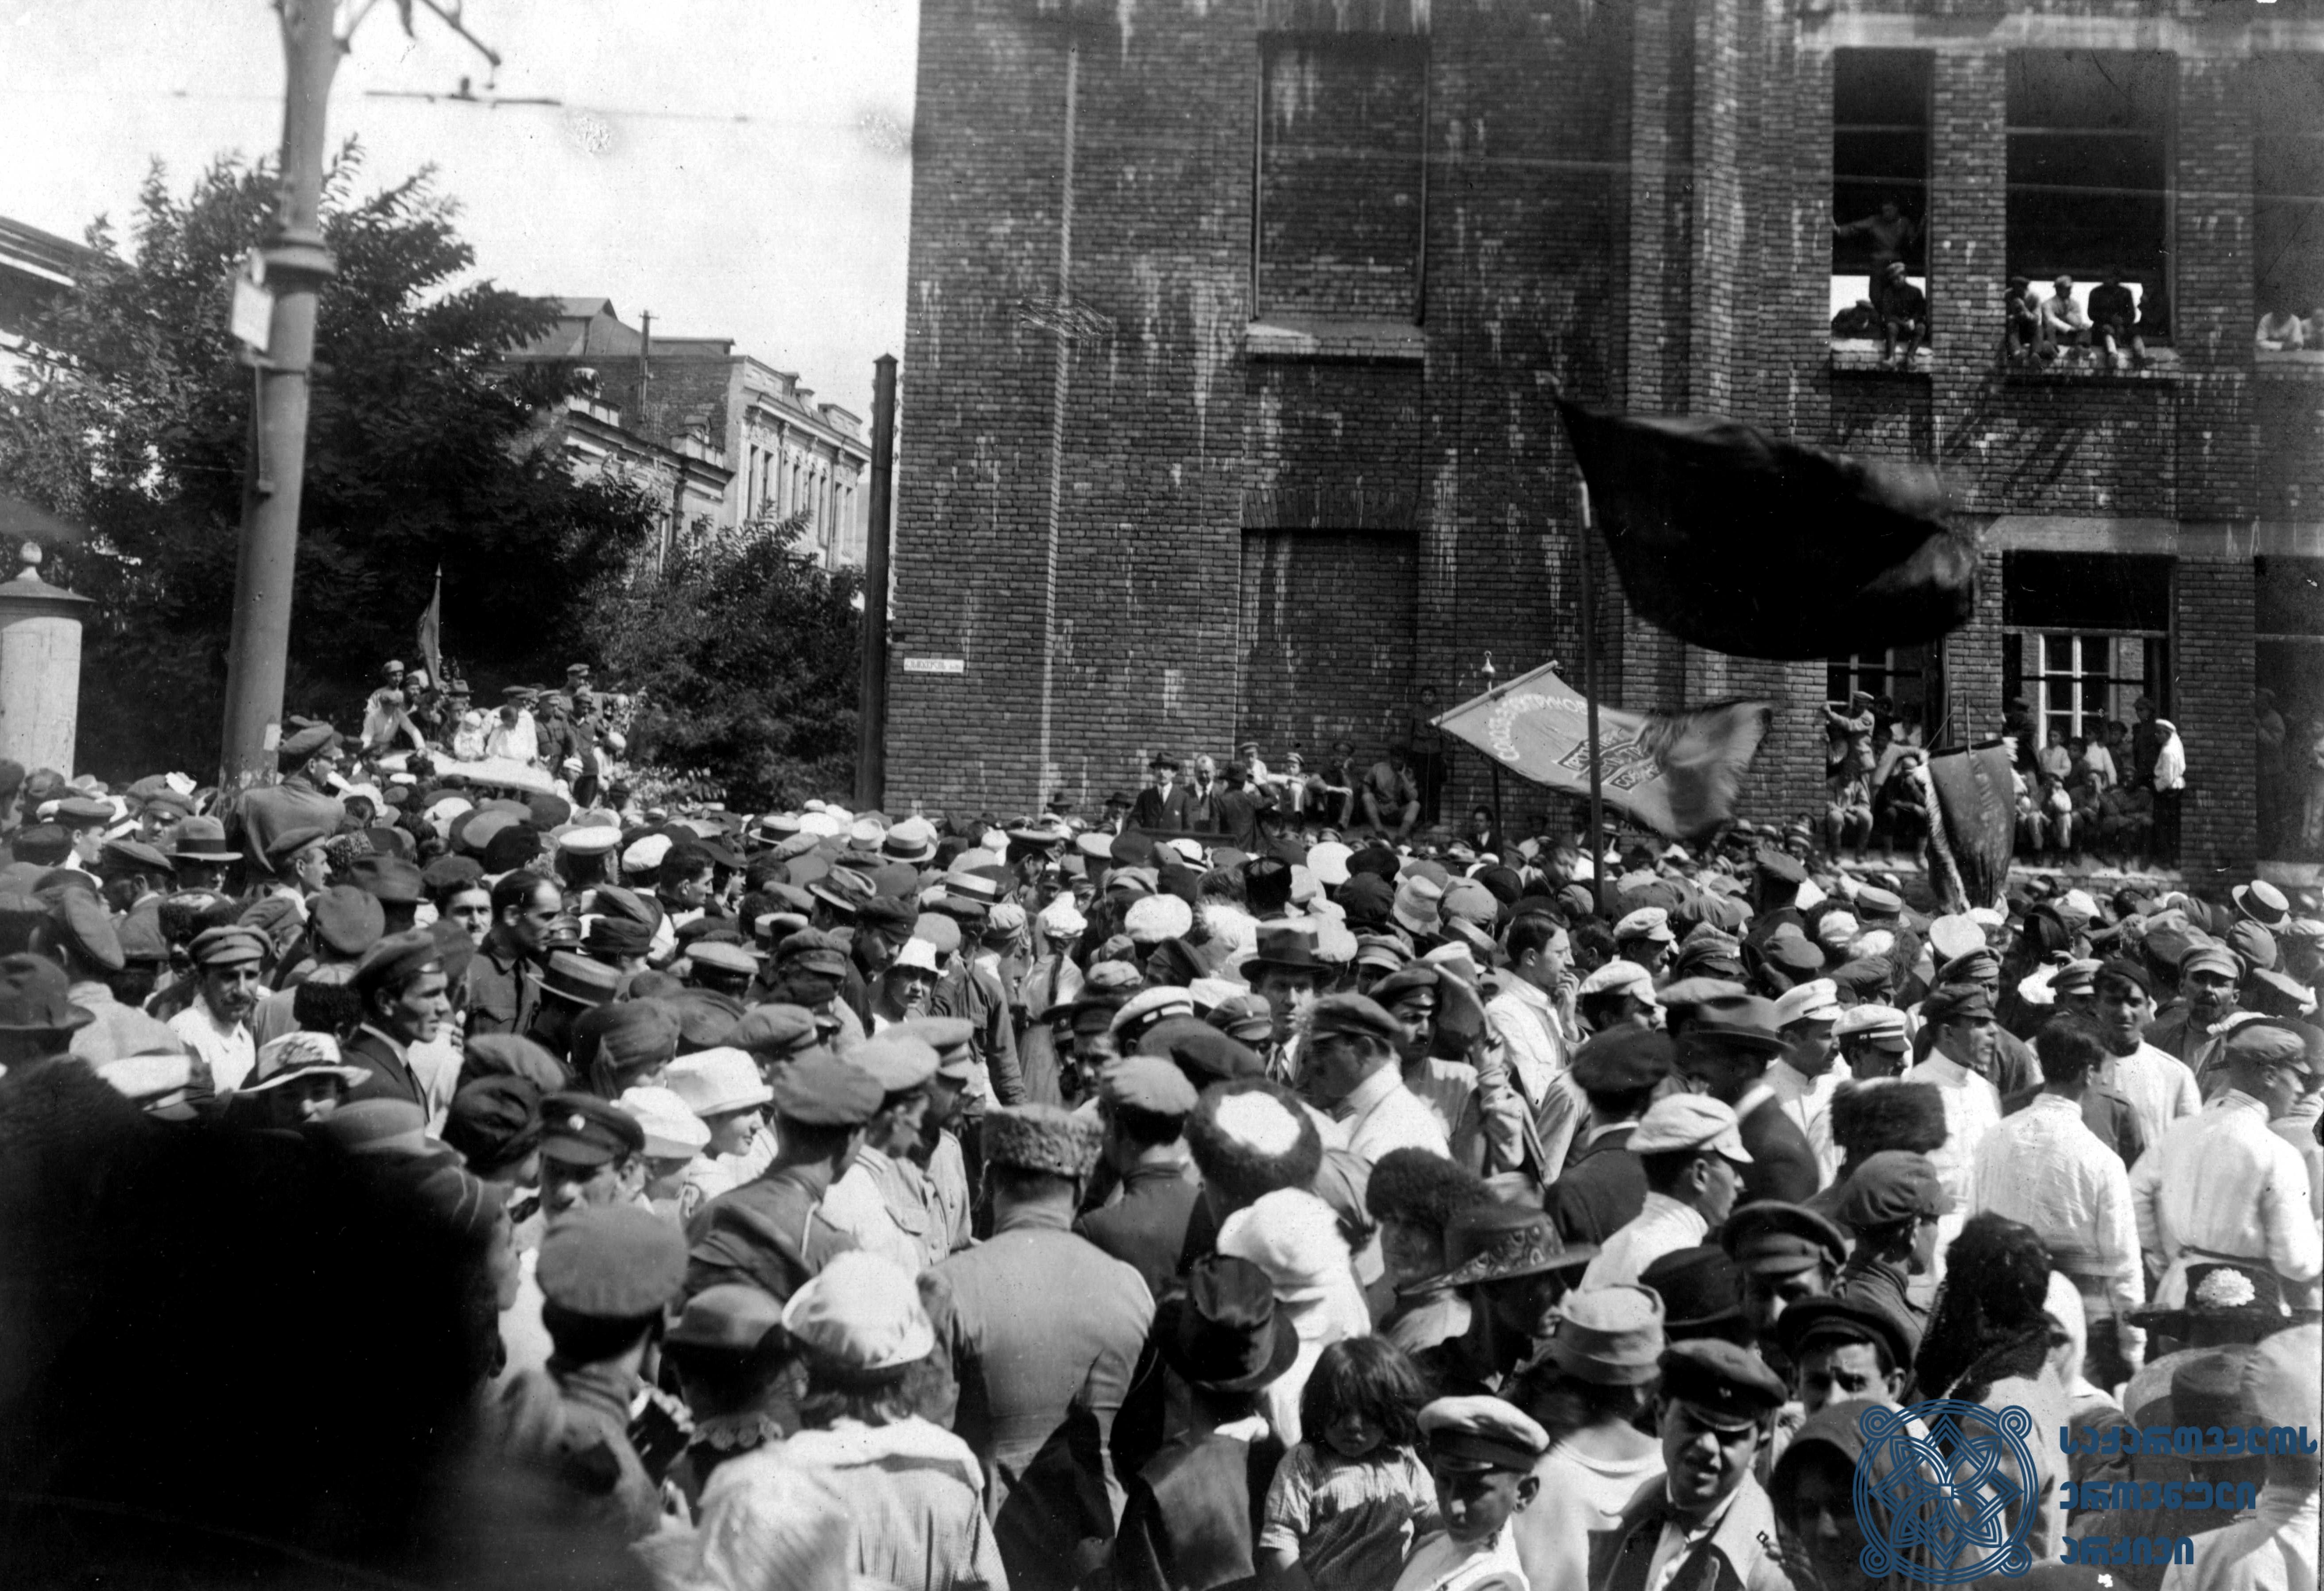 ბელგიელი სოციალისტის – კამილ ჰიუსმანსის – სიტყვით გამოსვლა თბილისში მეორე სოციალისტური ინტერნაციონალის დელეგაციის ვიზიტის პატივსაცემად გამართულ დემონსტრაციაზე. 1920 წლის სექტემბერი. <br> Belgian Socialist Camille Huysmans is giving a speech at a demonstration, held in Tbilisi, dedicated to the visit of the delegation of the Second Socialist International. September 1920.